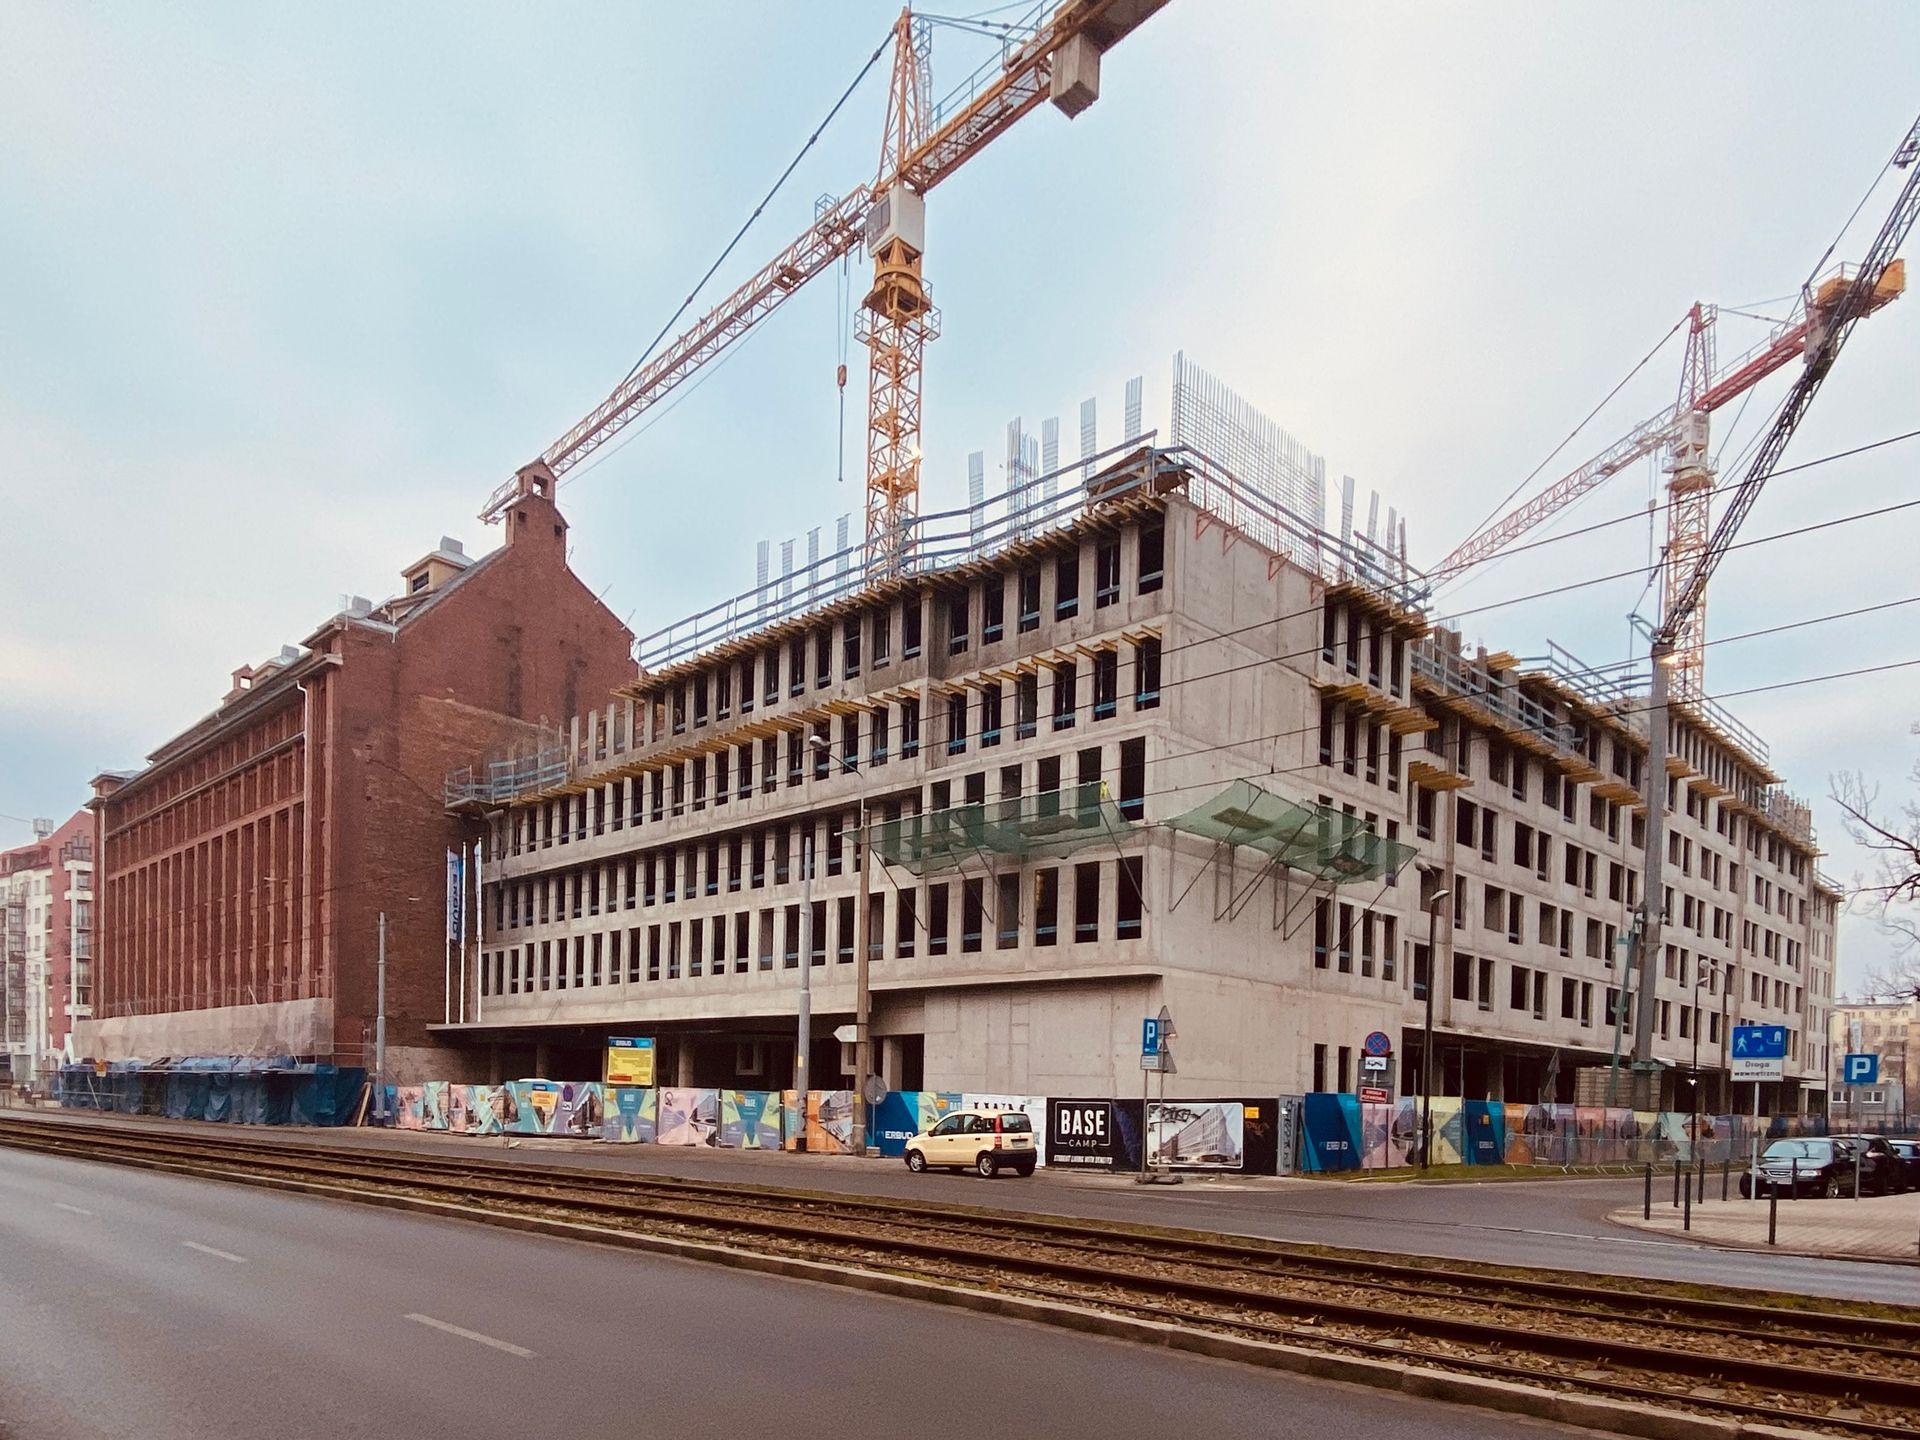 Trwa rewitalizacja zabytkowej piekarni Mamut w centrum Wrocławia. Obok powstaje nowy hotel